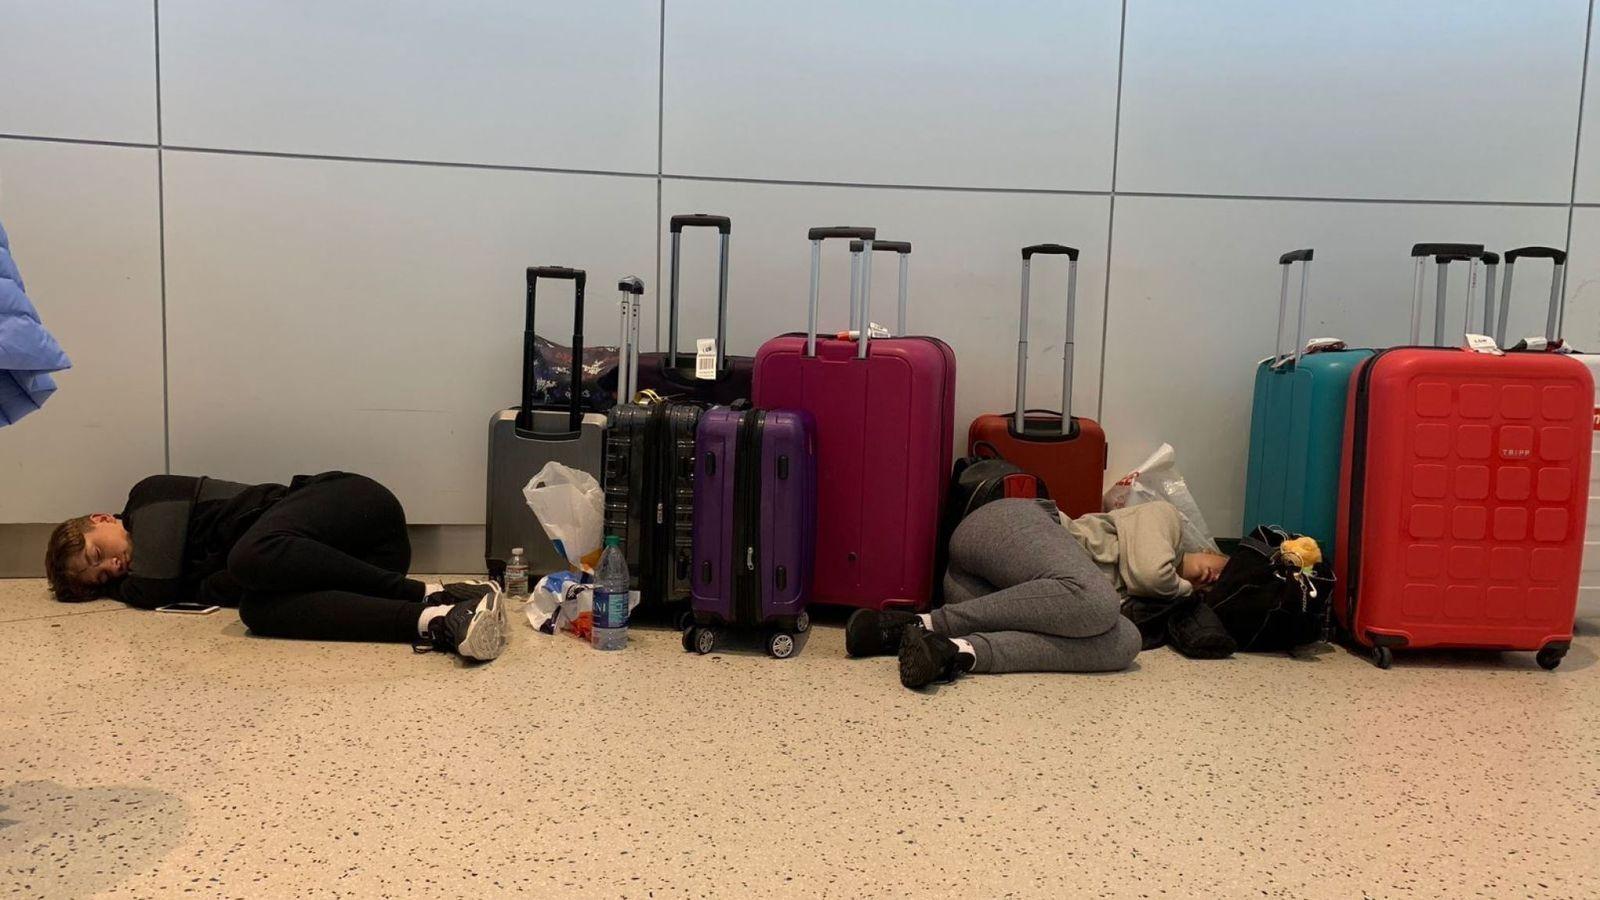 77小时旅行体验?英航因航班延误道歉